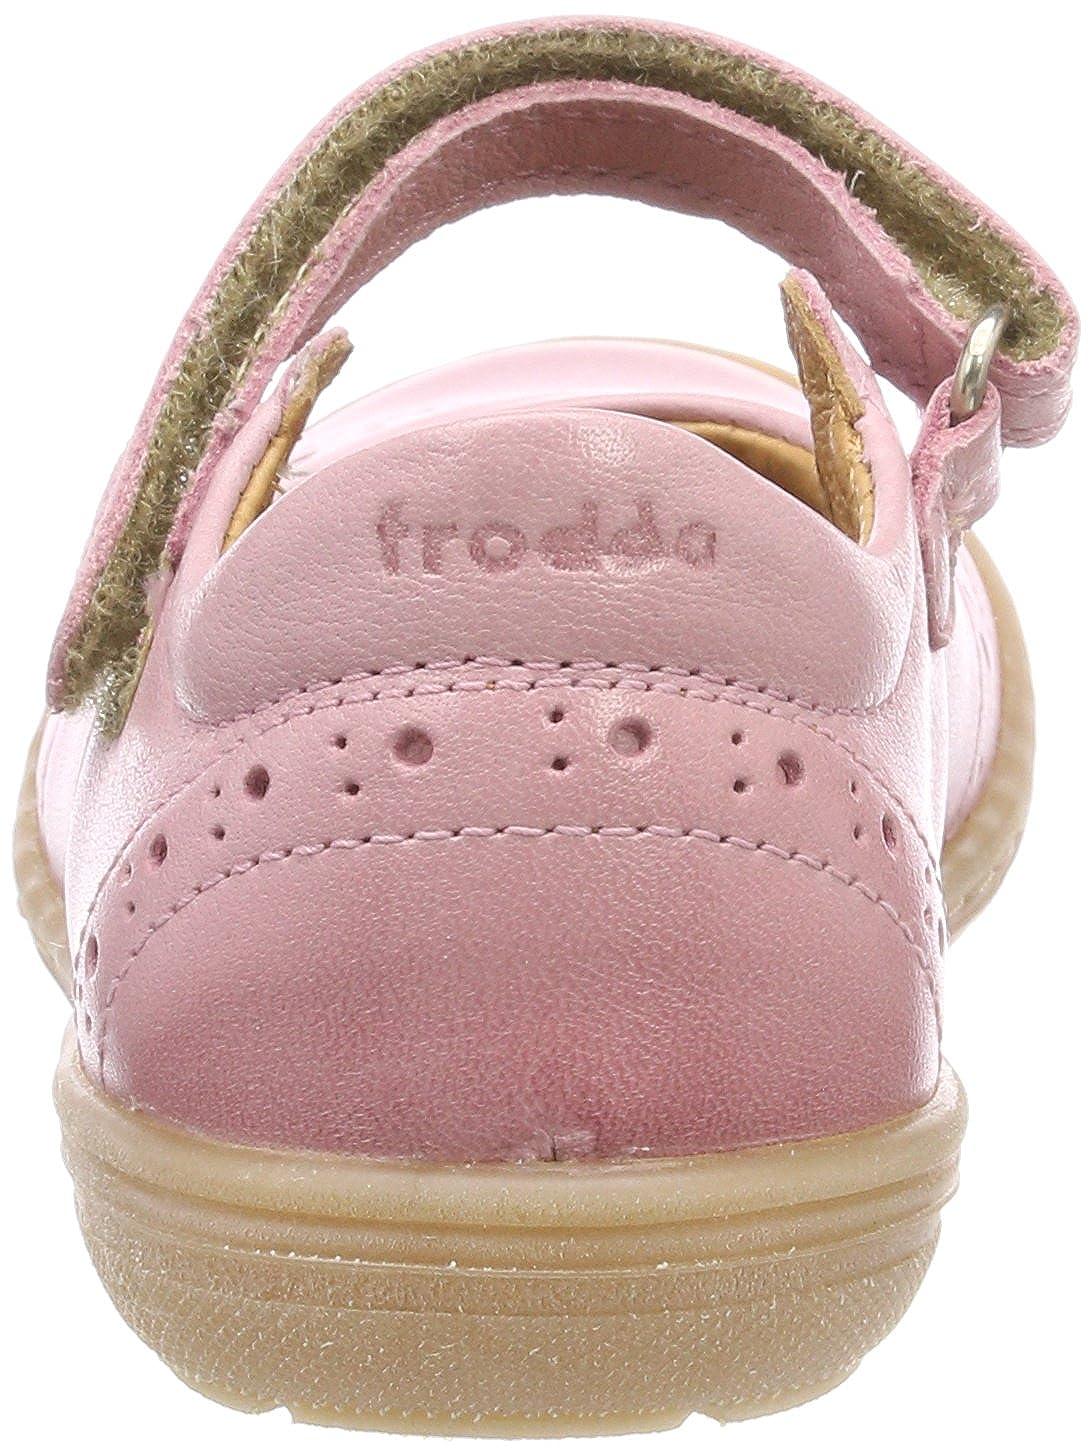 Froddo M/ädchen Children Ballerina G3140069-3 Mary Jane Halbschuhe